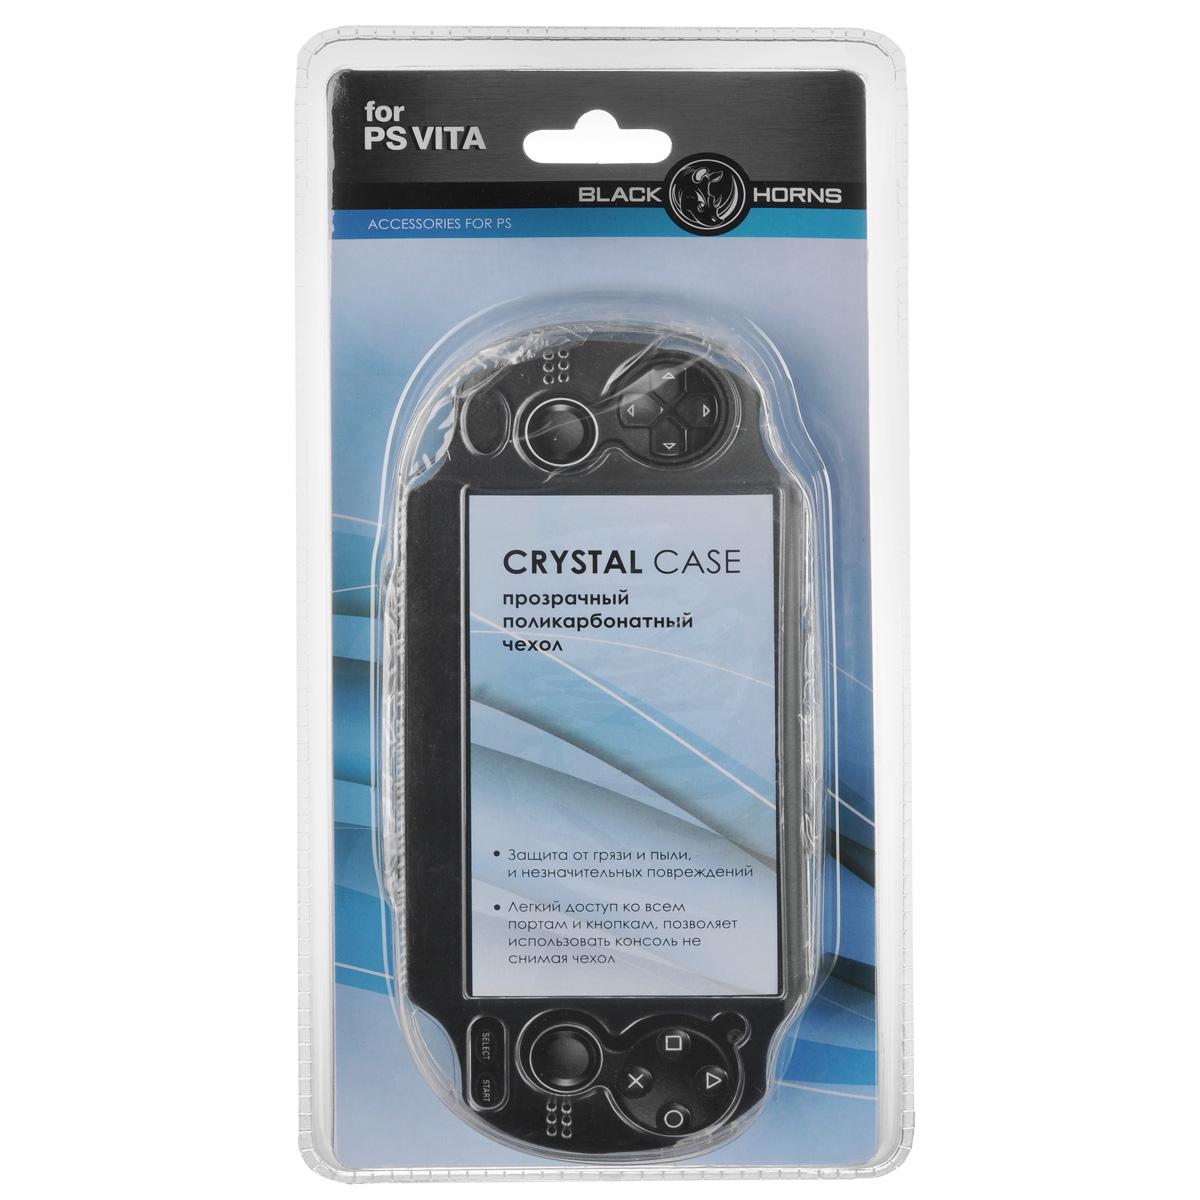 Защитный чехол Black Horns для Sony PS VITA (прозрачный)BH-PSV0202(R)Защитный чехол Black Horns для Sony PS VITA - стильная и надежная защита из высококачественного материала. Чехол надежно защитит вашу приставку от внешних воздействий, грязи, царапин и потертостей. Чехол легко надевается и снимается, совместим со всеми версиями консоли PS Vita и картами памяти. Легкий доступ ко всем портам и кнопкам позволяет использовать консоль не снимая чехол.